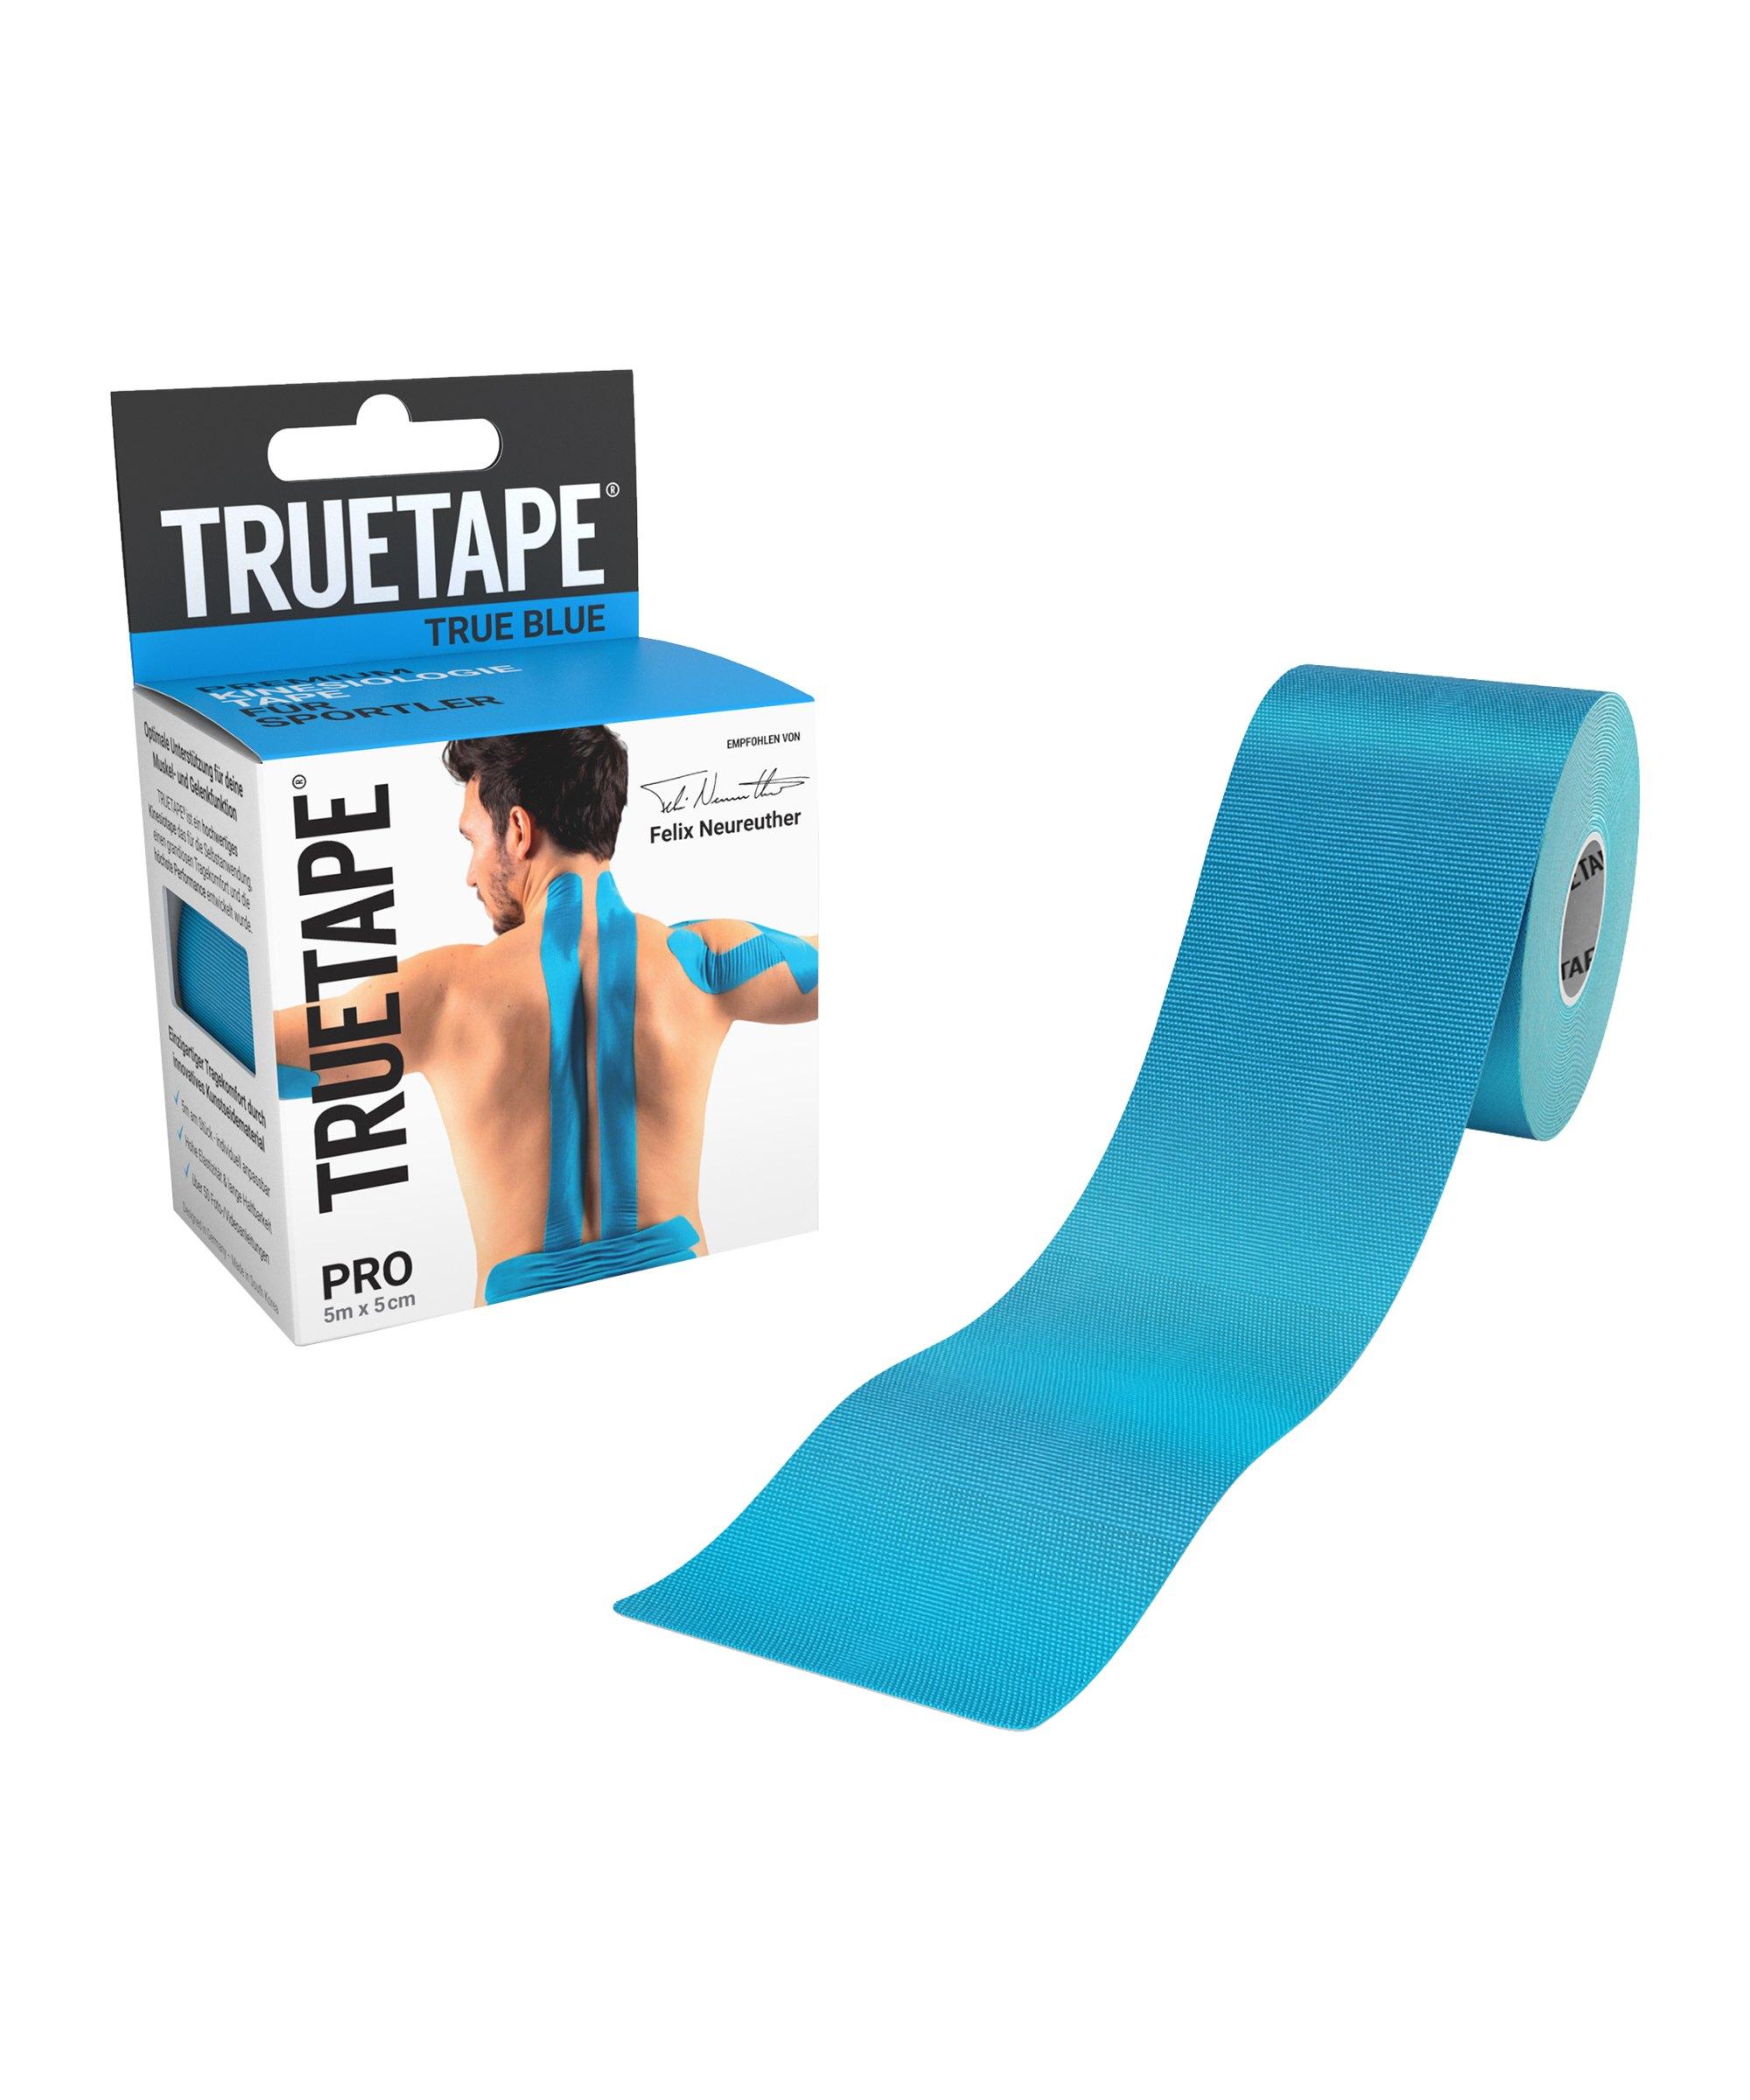 Truetape Athlete Edition Pro Uncut Blau - blau